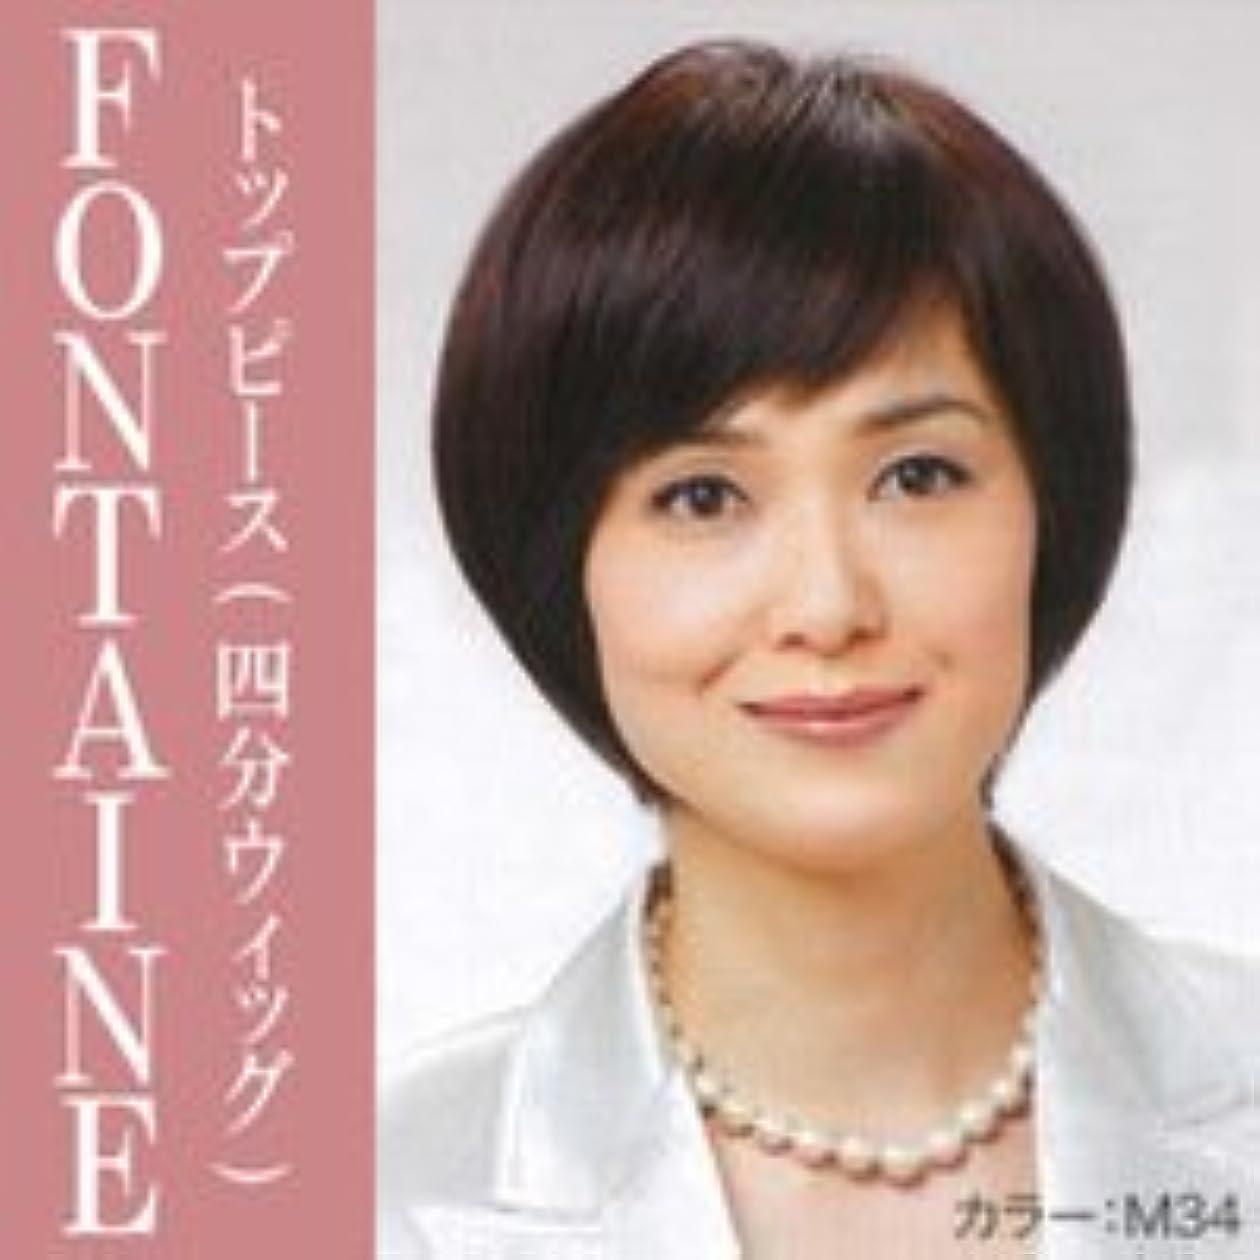 収益ランタンワットフォンテーヌ SE11 四分ウイッグ (自然色(F2B))